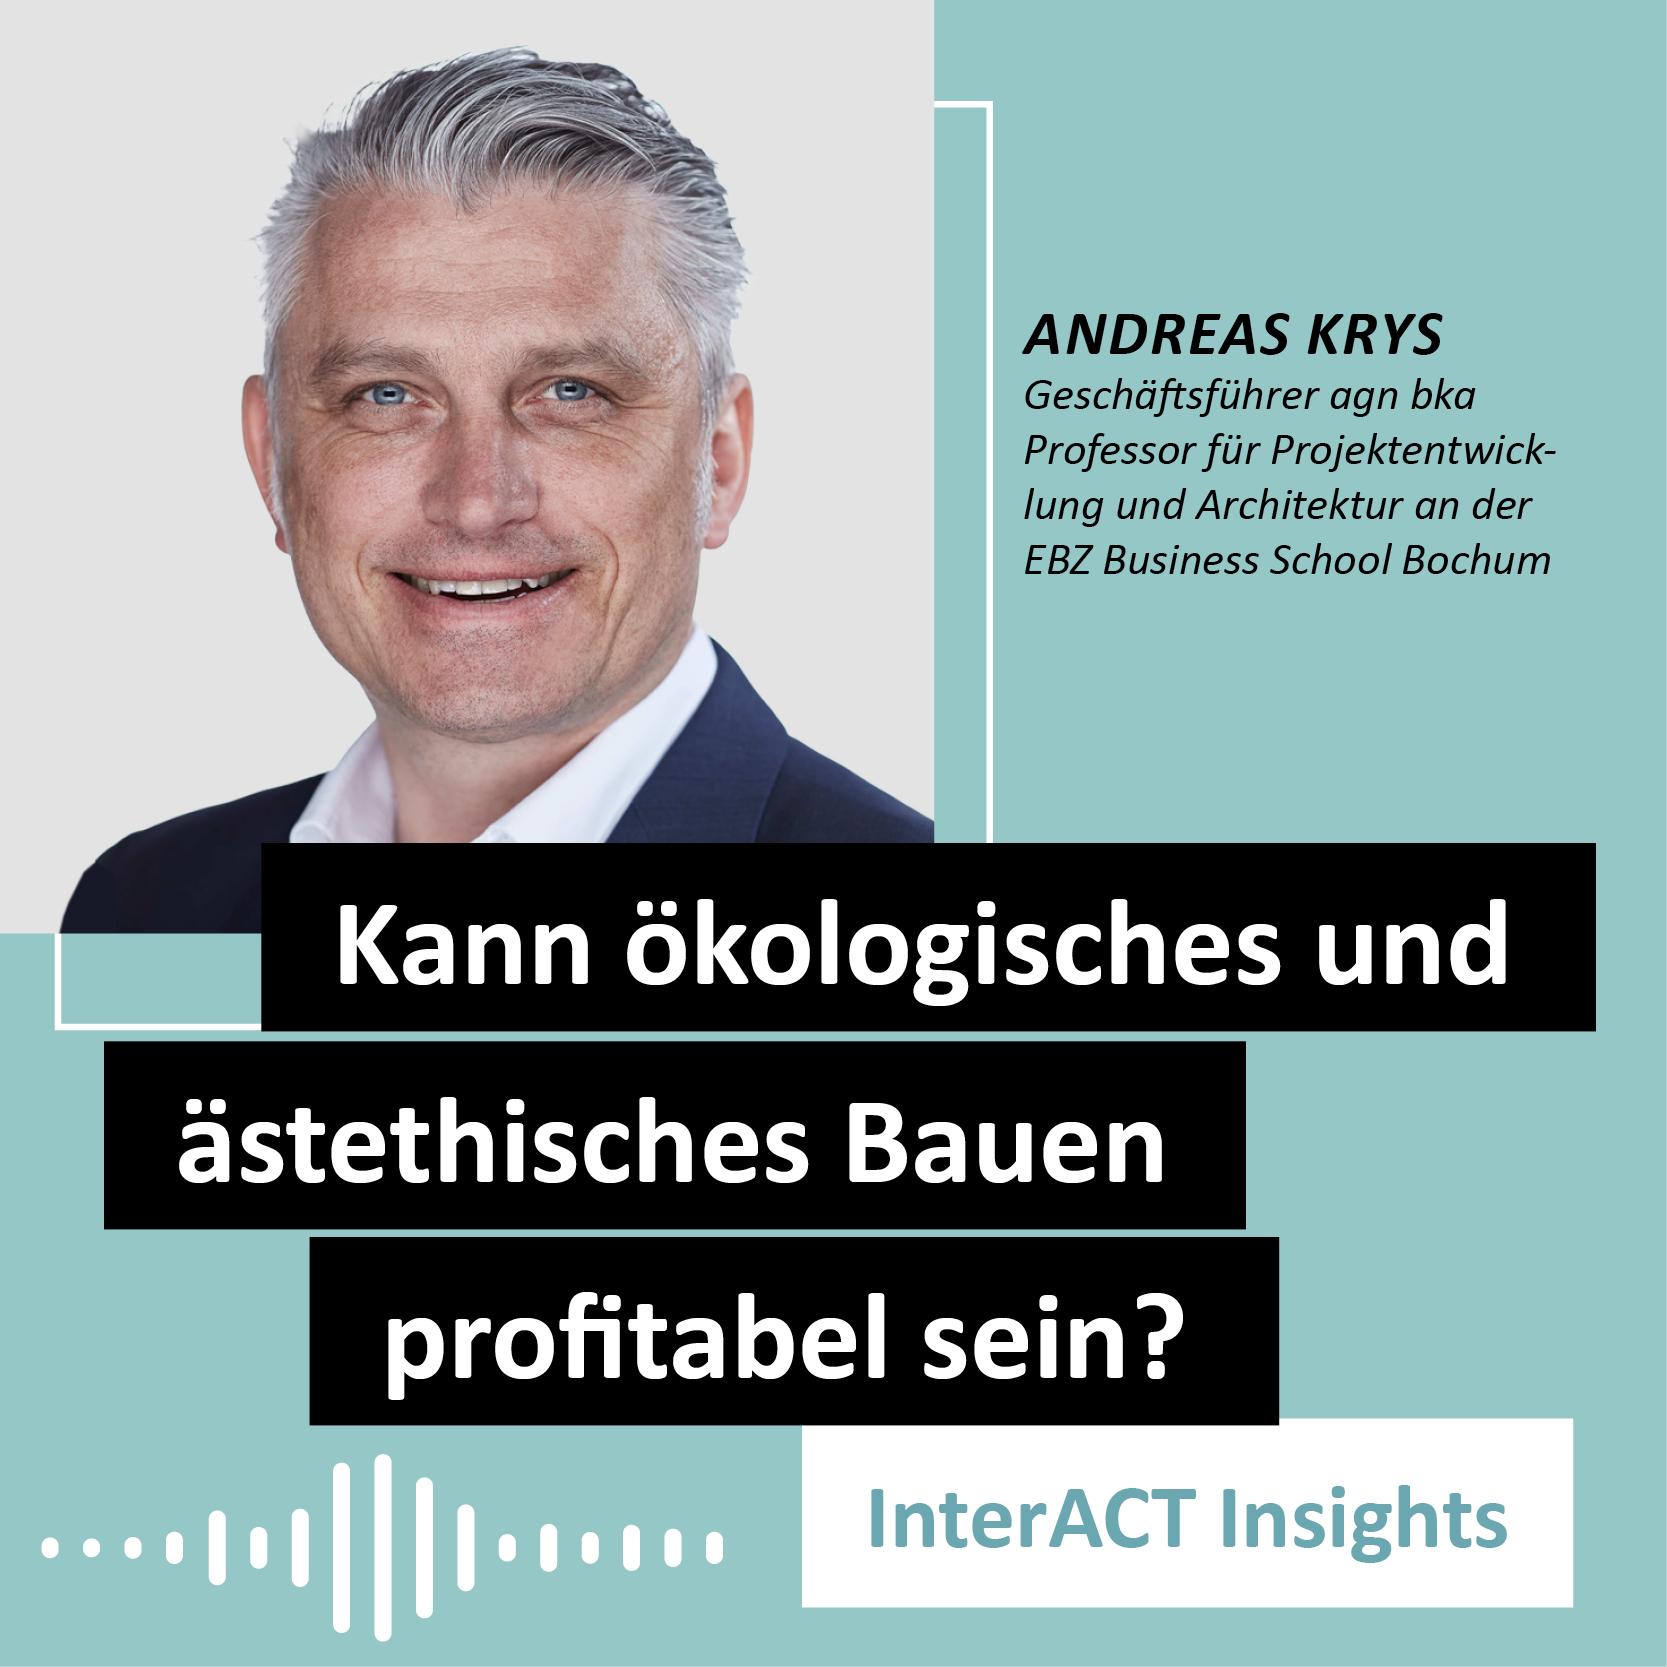 """Podcastfolge mit Andreas Krys - """"Kann ökologisches und ästhetisches Bauen profitabel sein"""" - InterACT Insights"""